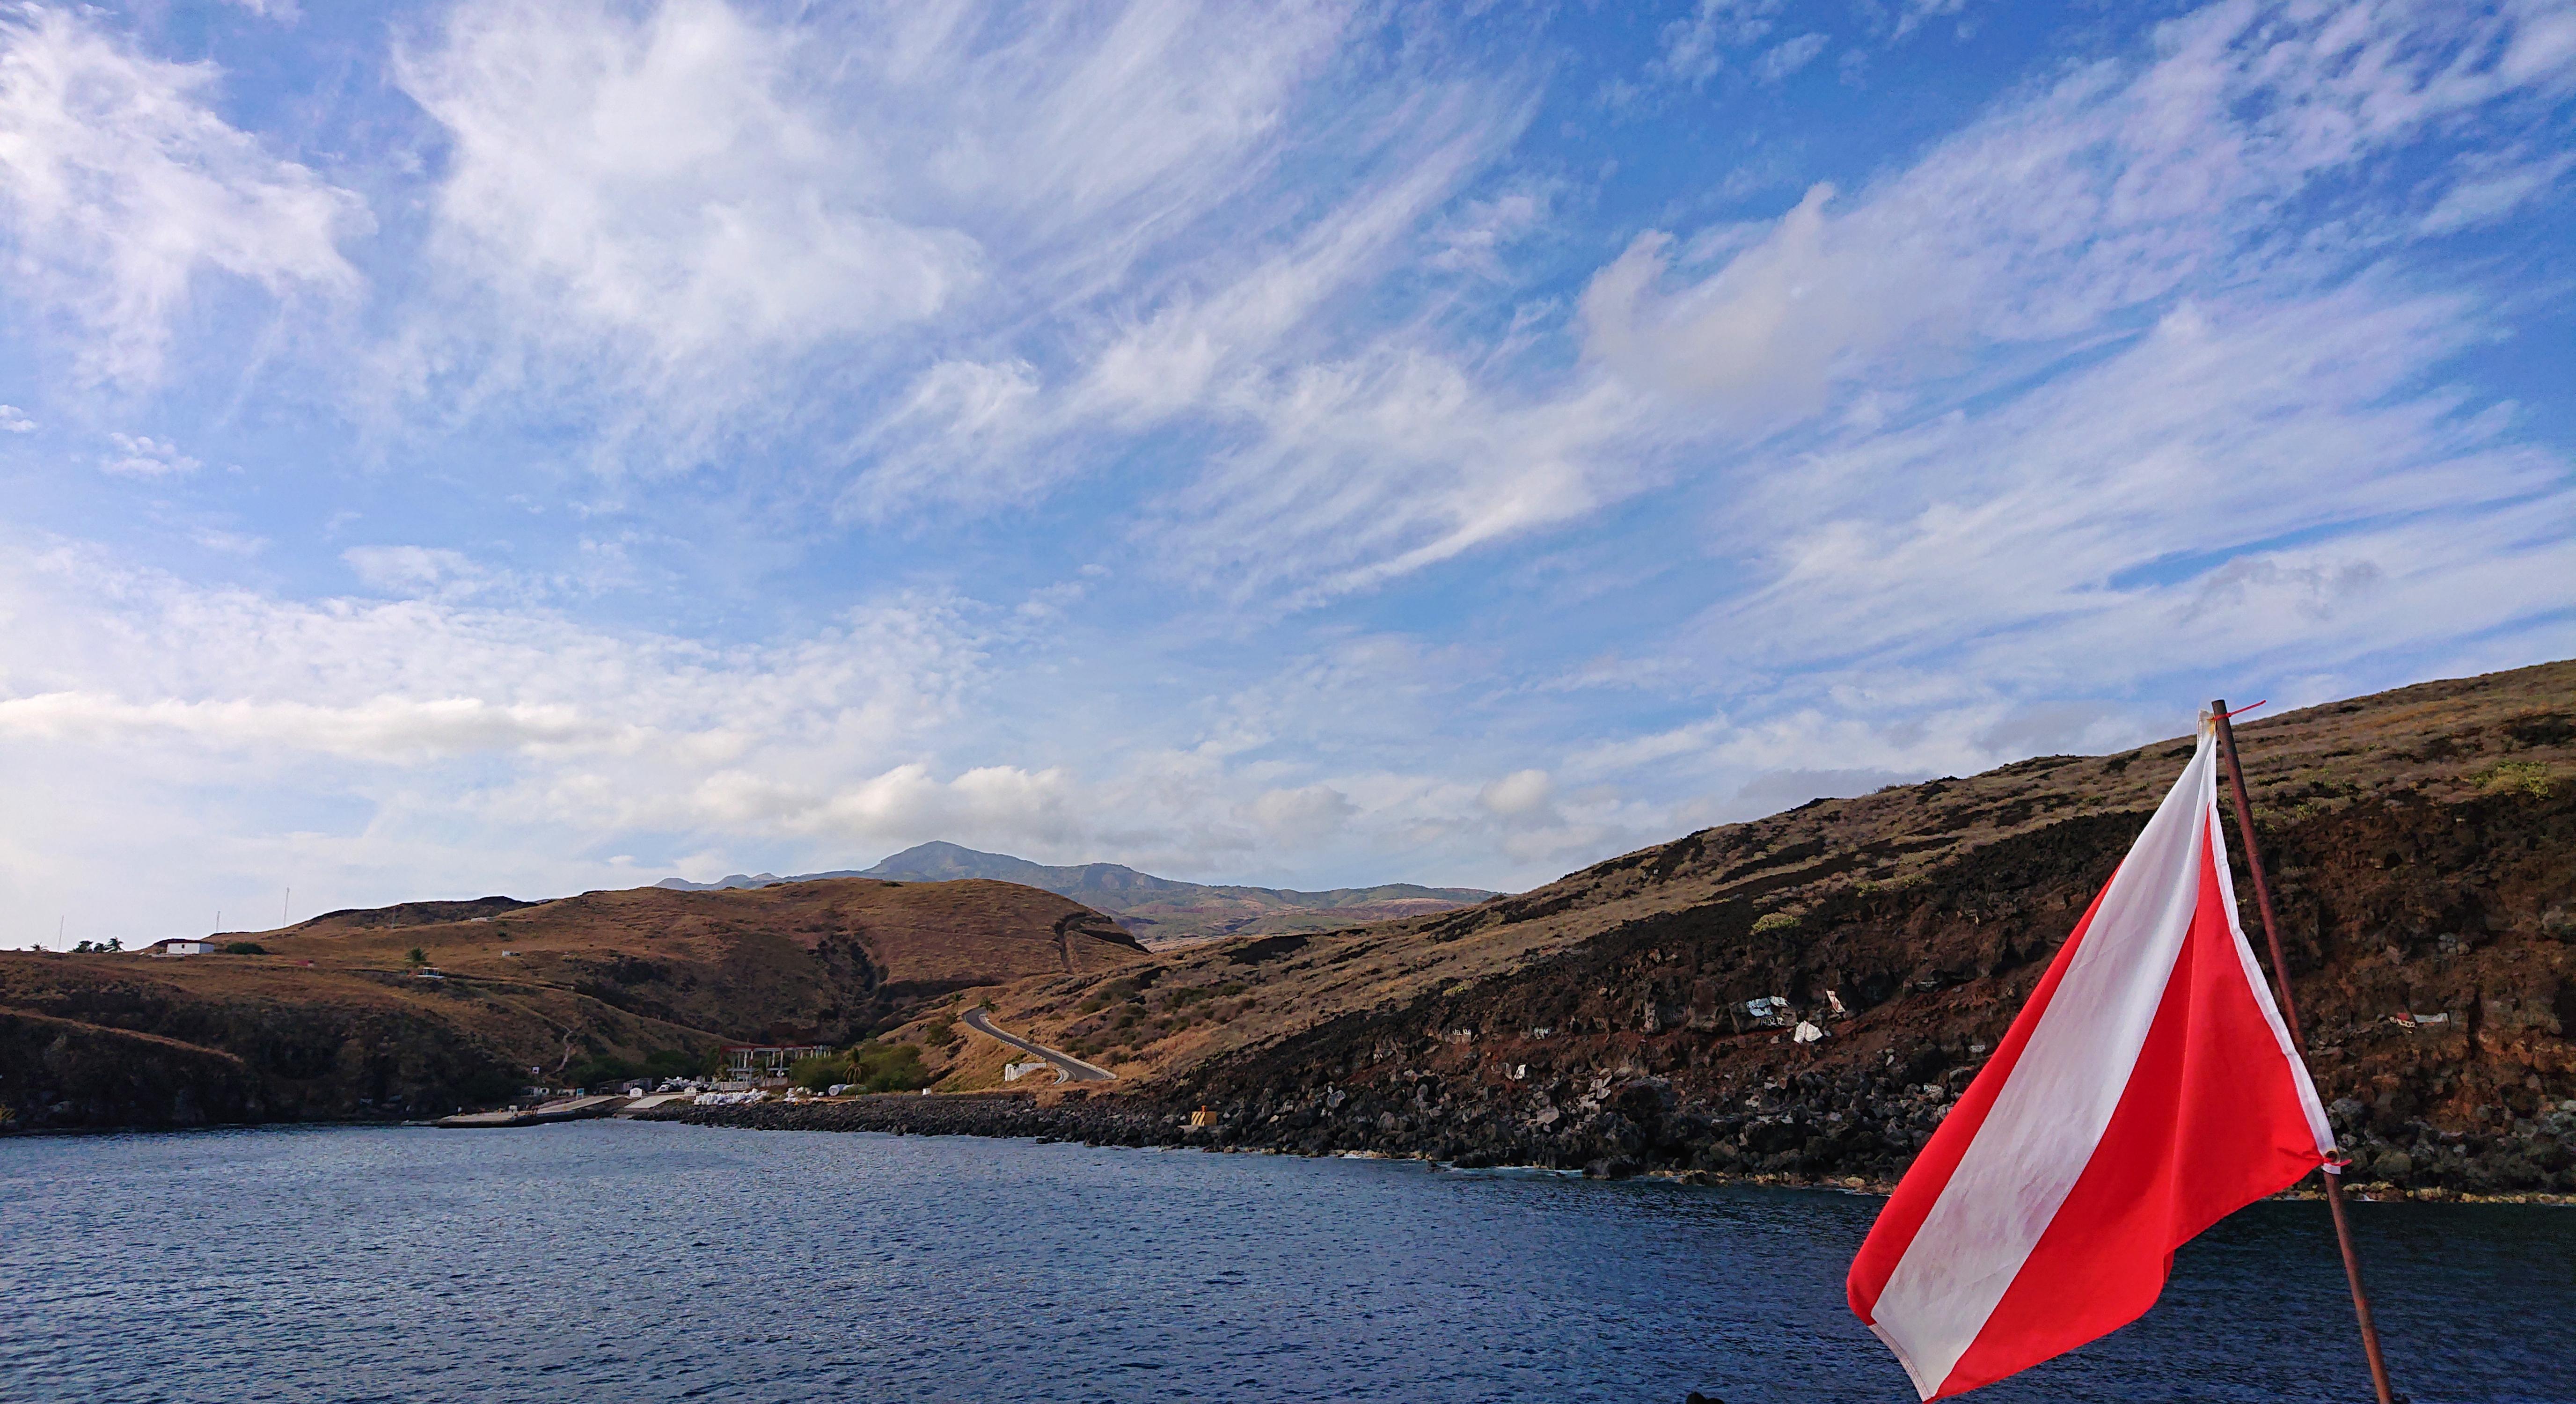 The Catan-like island of Socorro